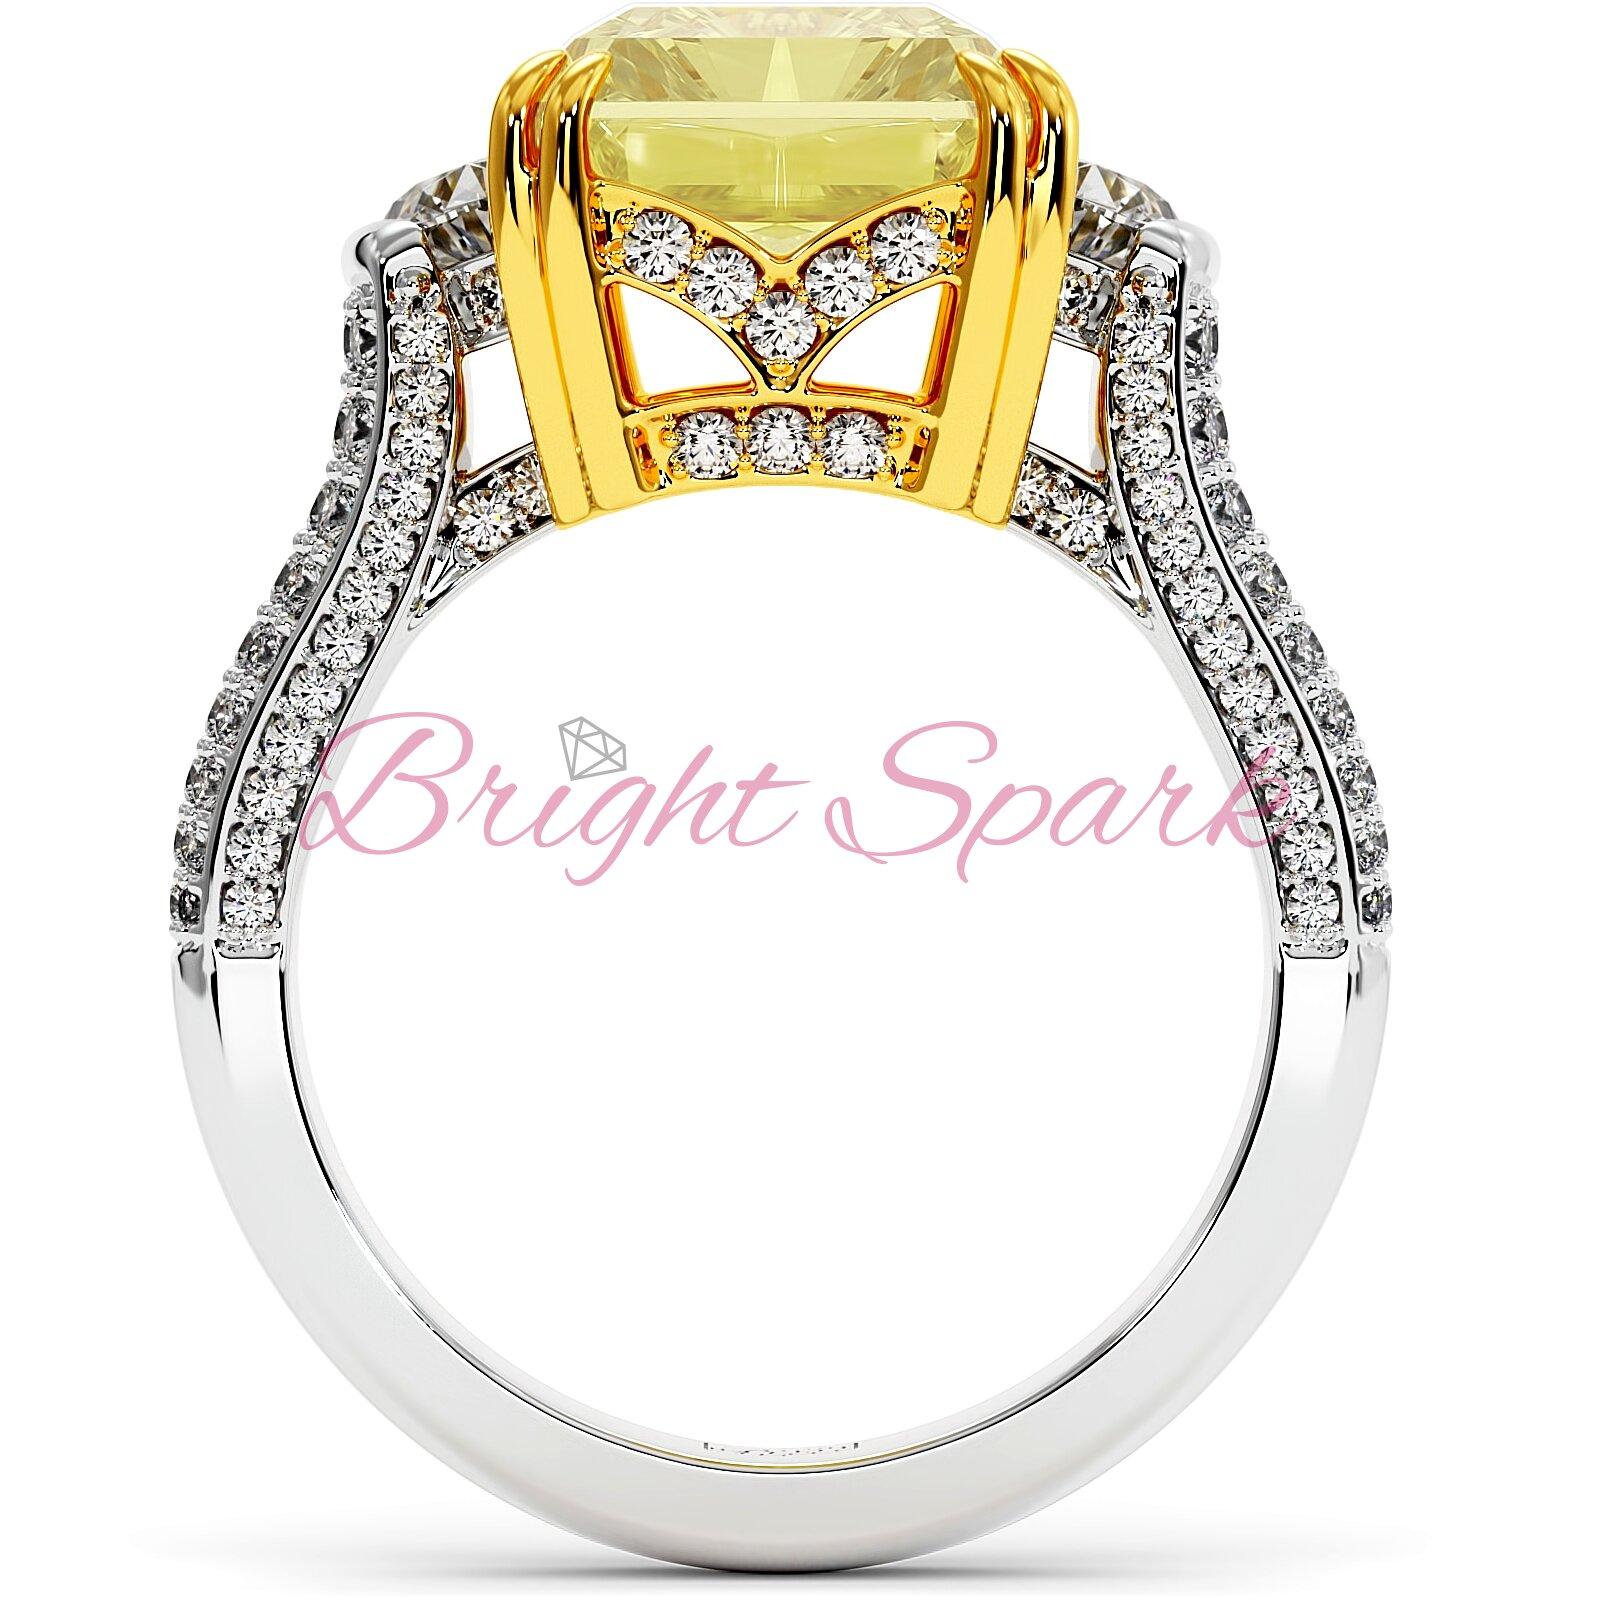 Роскошное золотое кольцо с крупным желтым бриллиантом Moon 5 карат